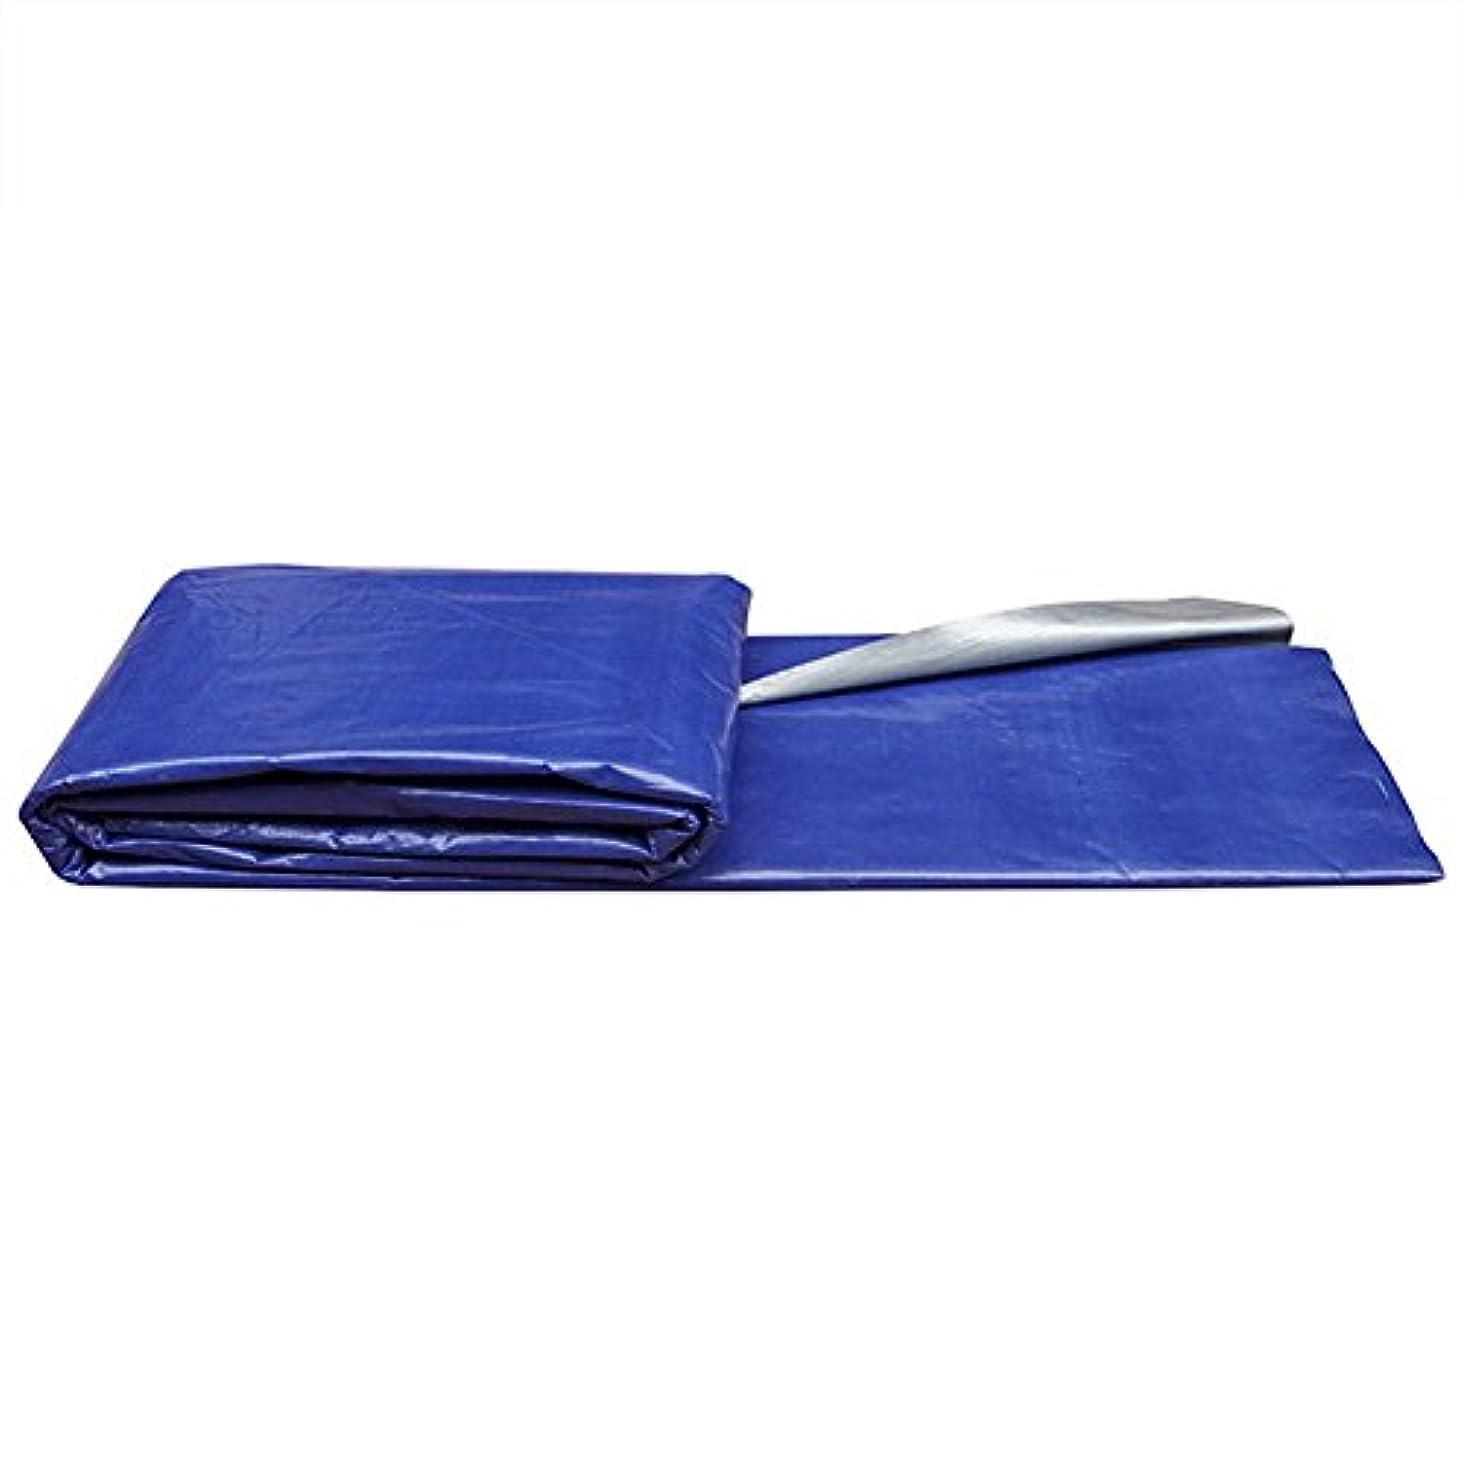 どんよりした決めます先祖12J-weihuiwangluo 屋外のテントの防水シート、耐雨性の日焼け止めの防水シートの車の防水シートの貨物防塵の防風の高温反老化のテントの布 (Color : 青, サイズ : 6x18m)